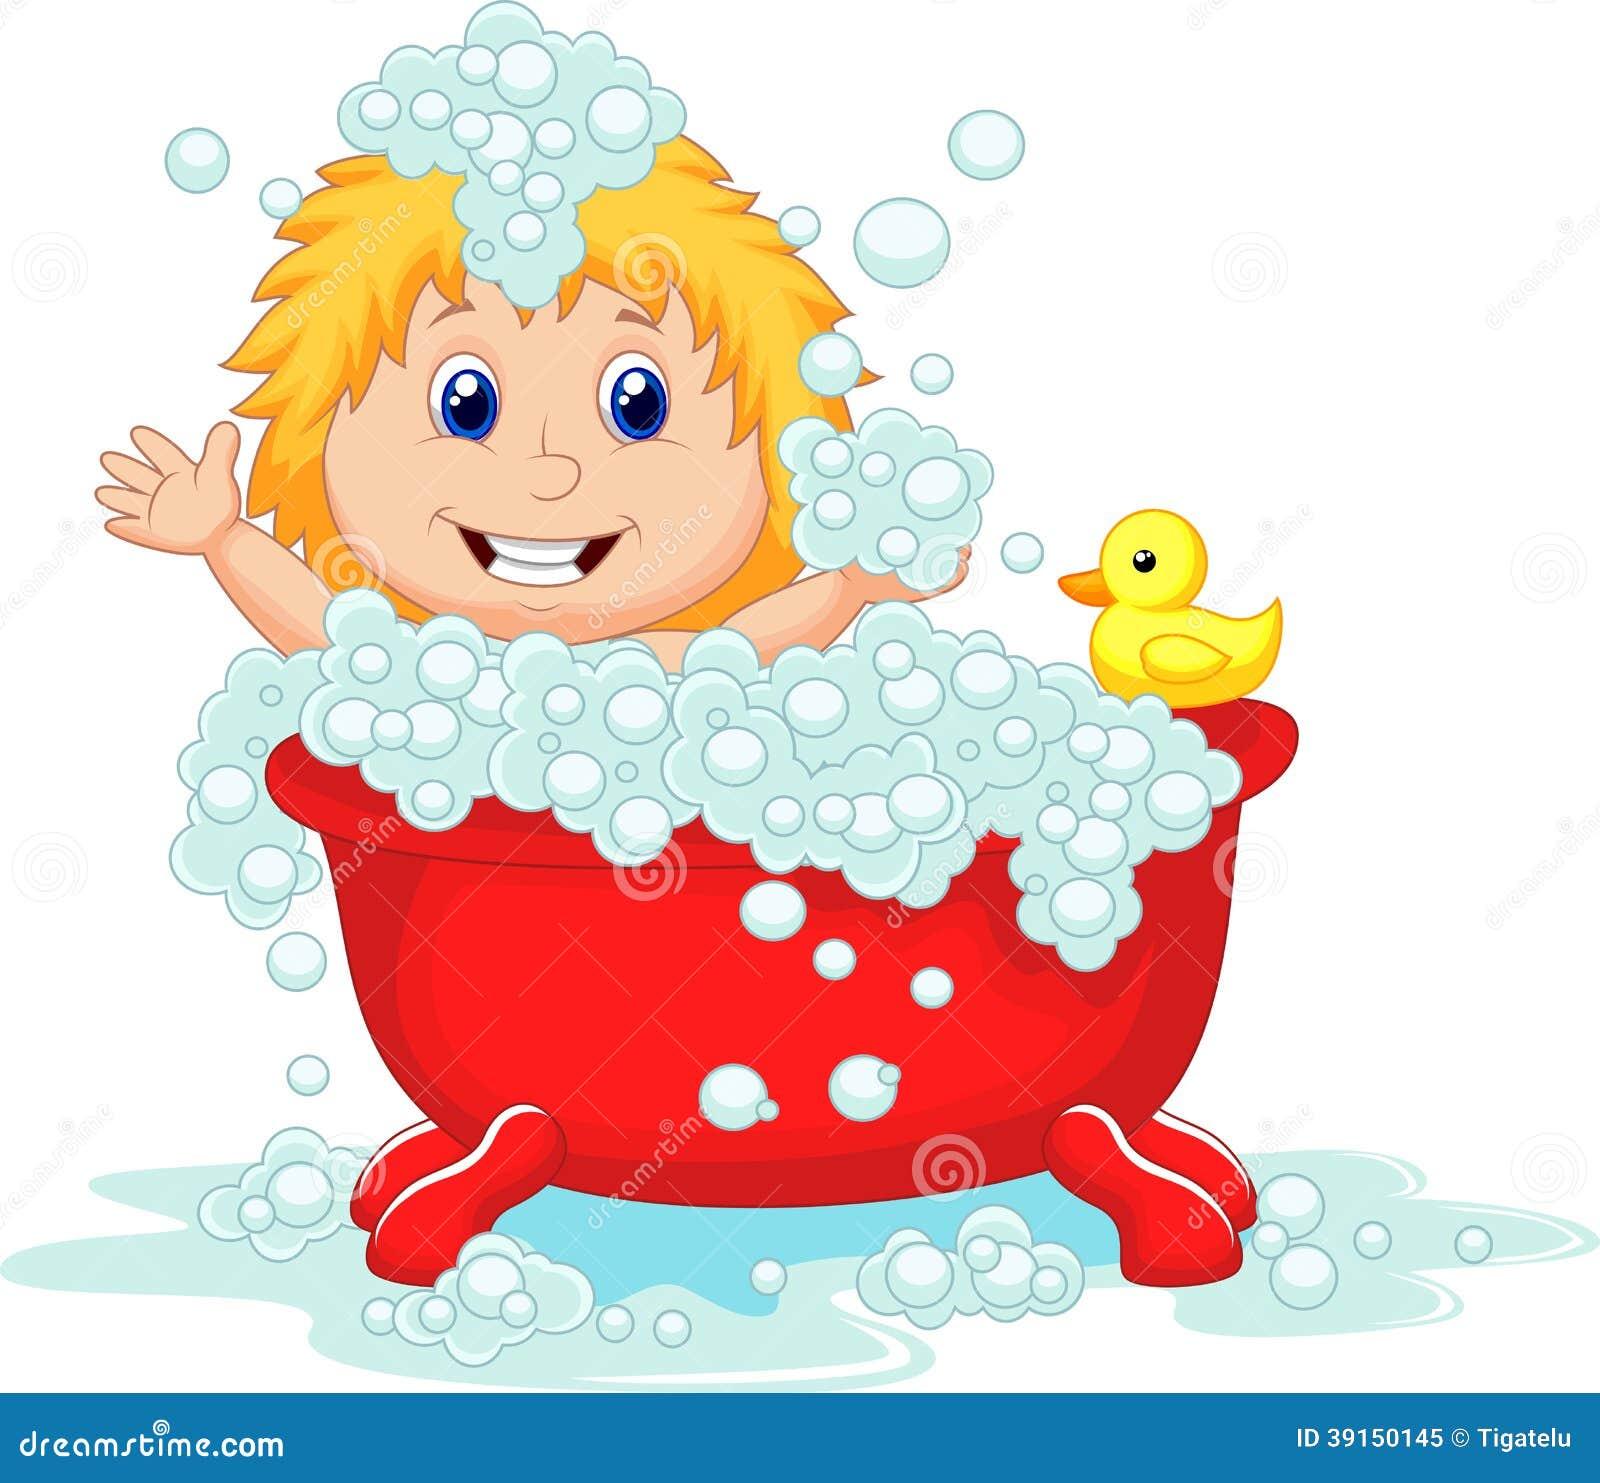 Fumetto della ragazza che bagna in rosso vasca da bagno - Riduttore vasca bagno bambino ...